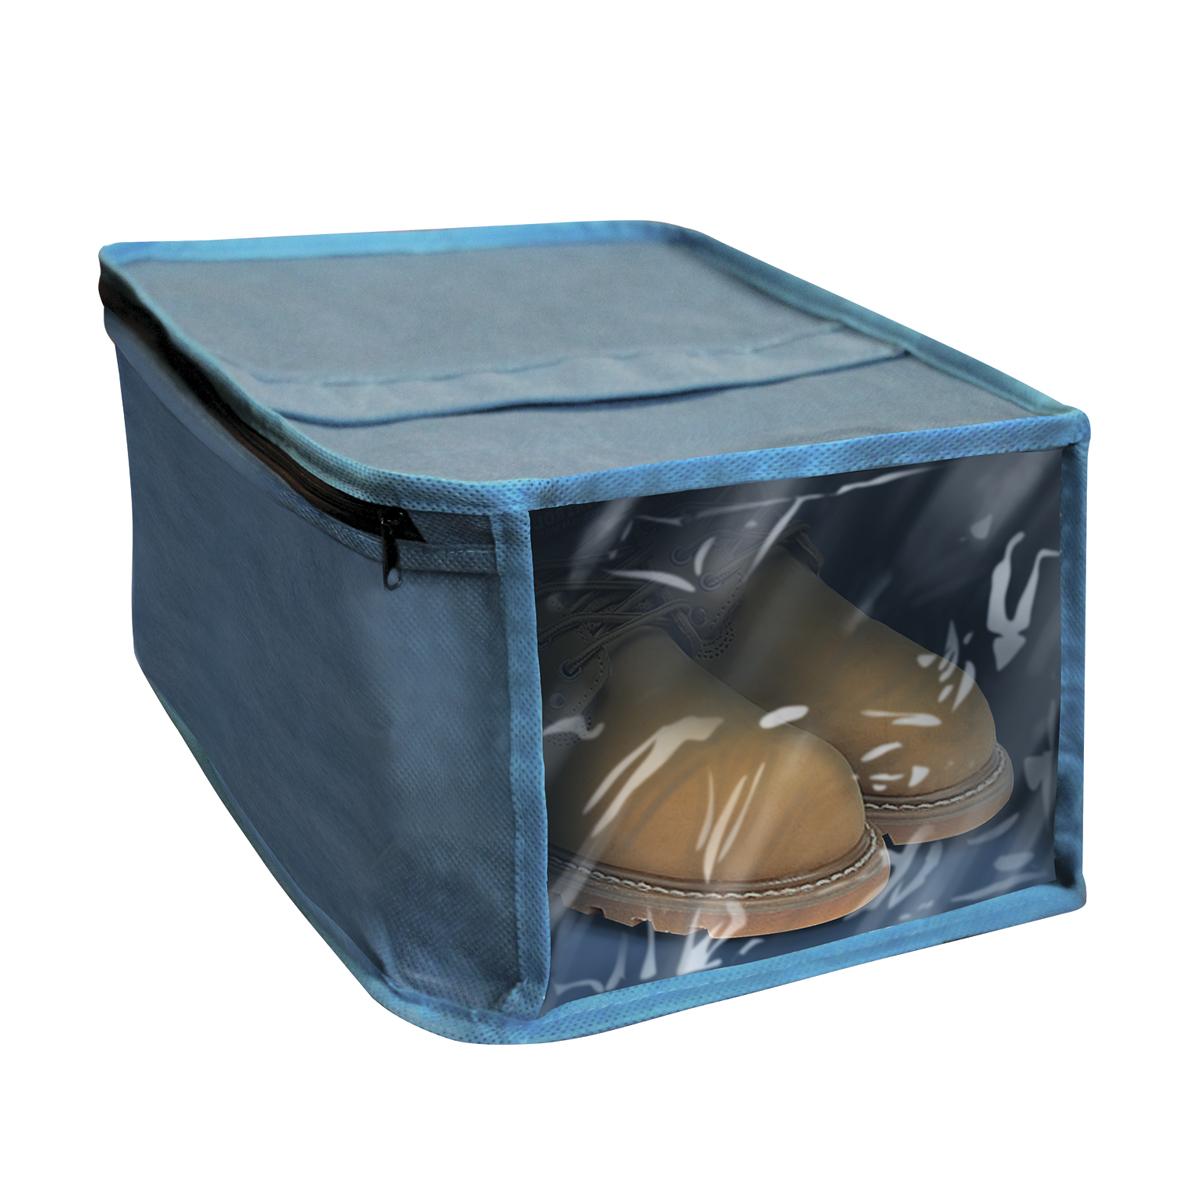 Чехол для хранения обуви Miolla, с окошком, цвет: синий, 30 х 25 х 15 смCHL-9-1Чехол для хранения обуви Miolla на застежке-молнии выполнен из высококачественного нетканого материала. Прозрачное полиэтиленовое окошко позволяет видеть содержимое чехла. Подходит для длительного хранения вещей. Чехол обеспечивает вашей обуви надежную защиту от влажности, повреждений и грязи при транспортировке, от запыления при хранении и проникновения моли. Чехол обладает водоотталкивающими свойствами, а также позволяет воздуху свободно поступать внутрь вещей, обеспечивая их кондиционирование. Размер чехла: 30 х 25 х 15 см.